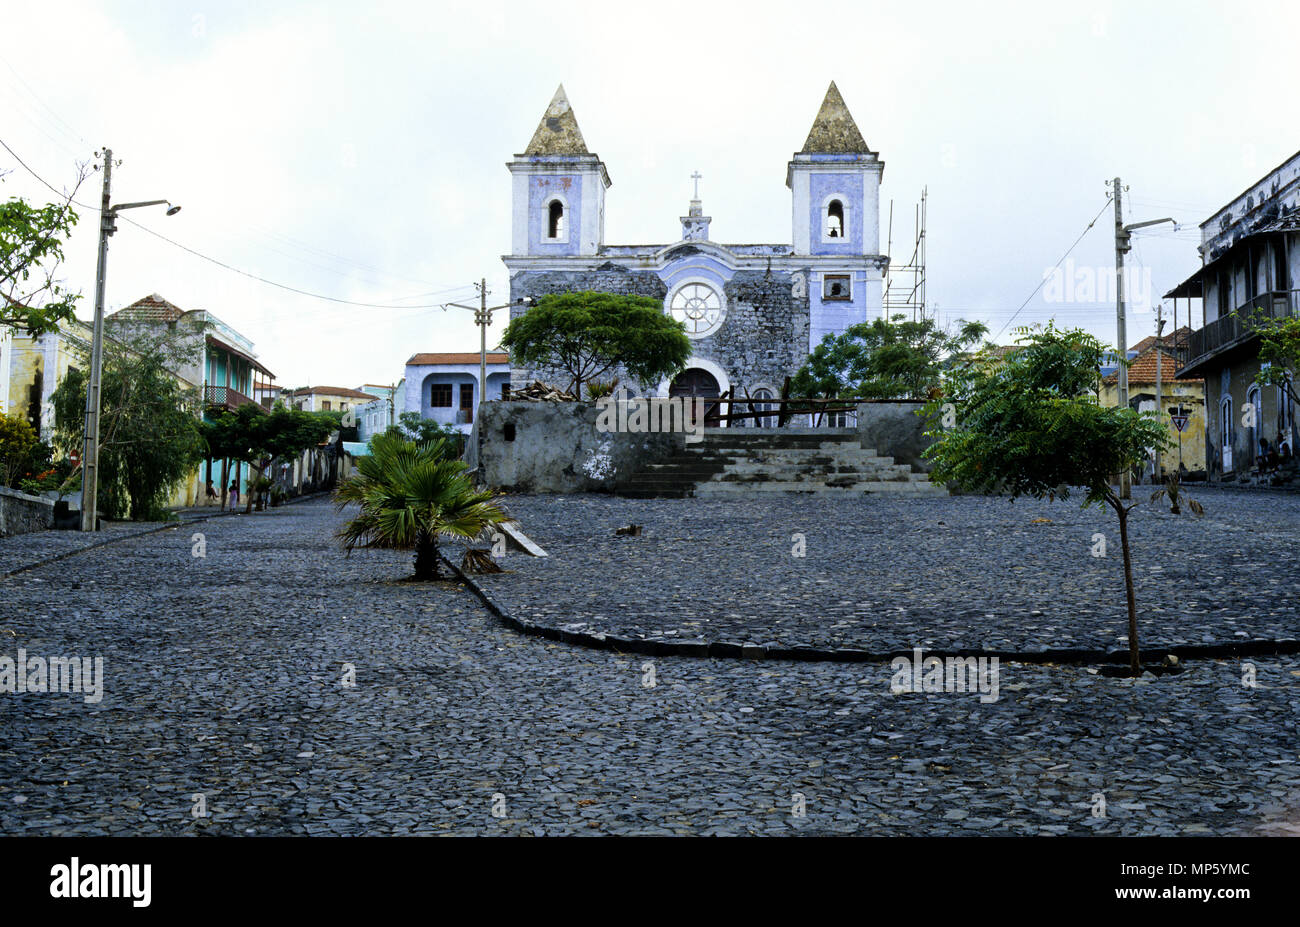 FCatholic Iglesia de Nossa Senhora da Conceicao, Sao Filipe, isla de Fogo, Cabo Verde, África Imagen De Stock